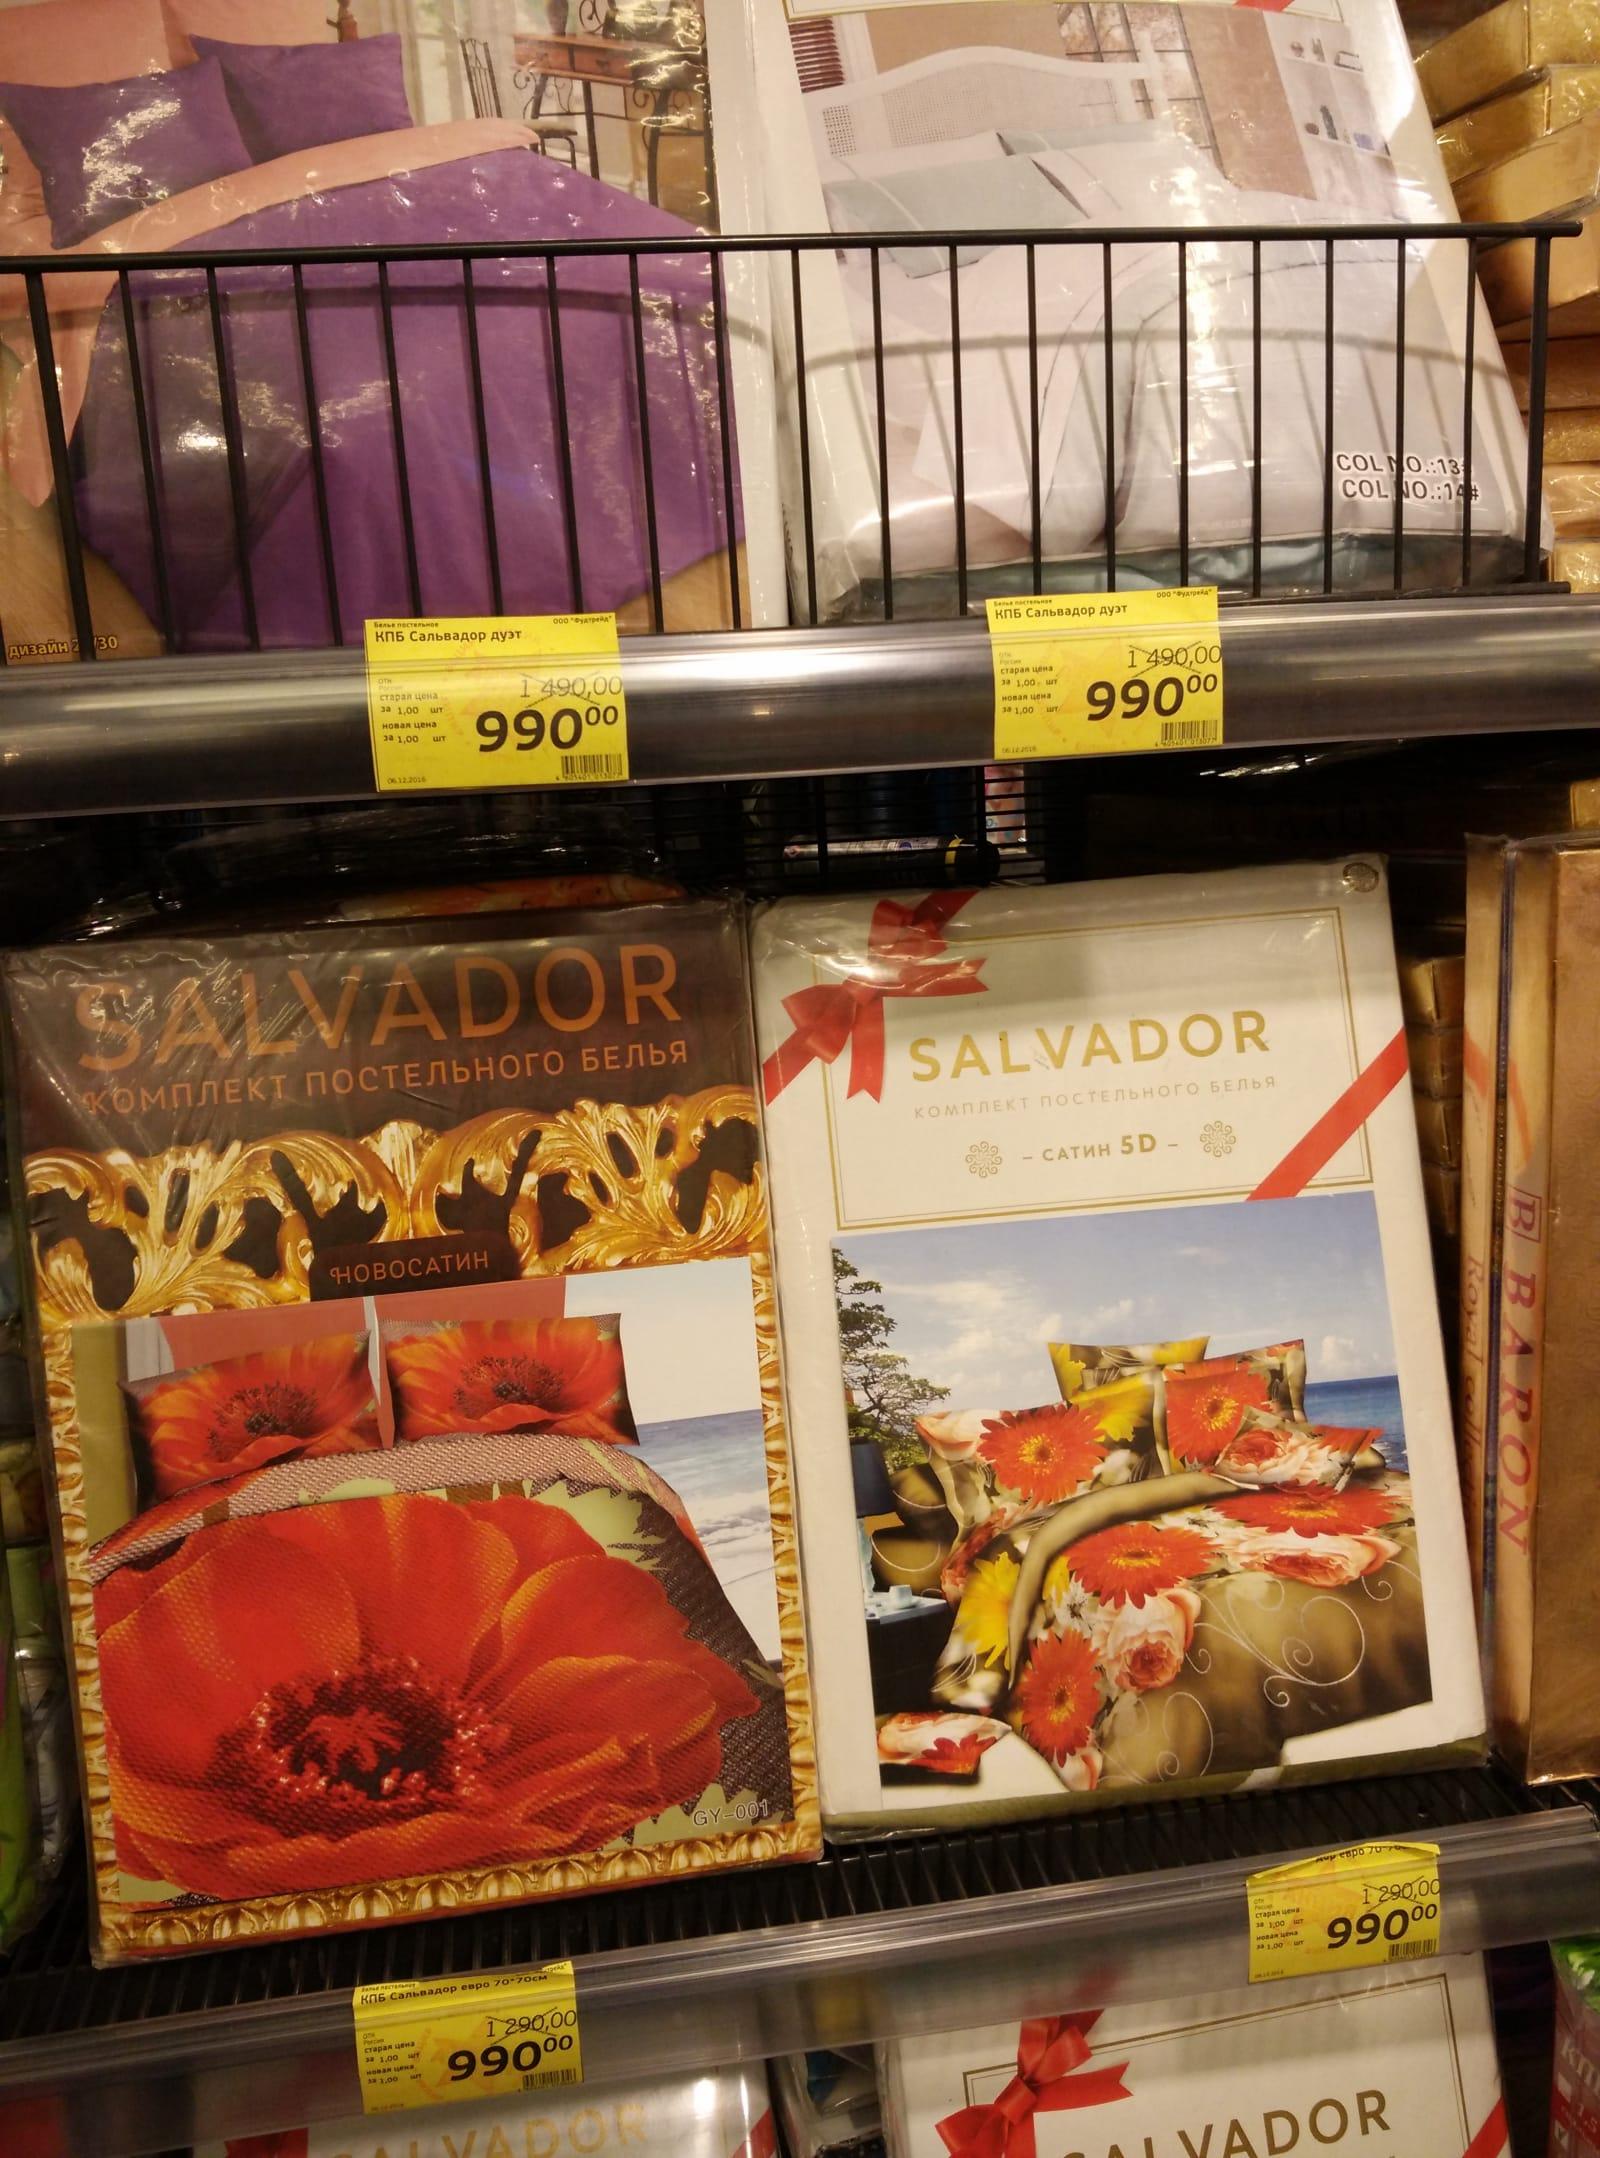 俄罗斯超市床上用品|俄罗斯留学物价|俄罗斯超市物价|俄罗斯留学